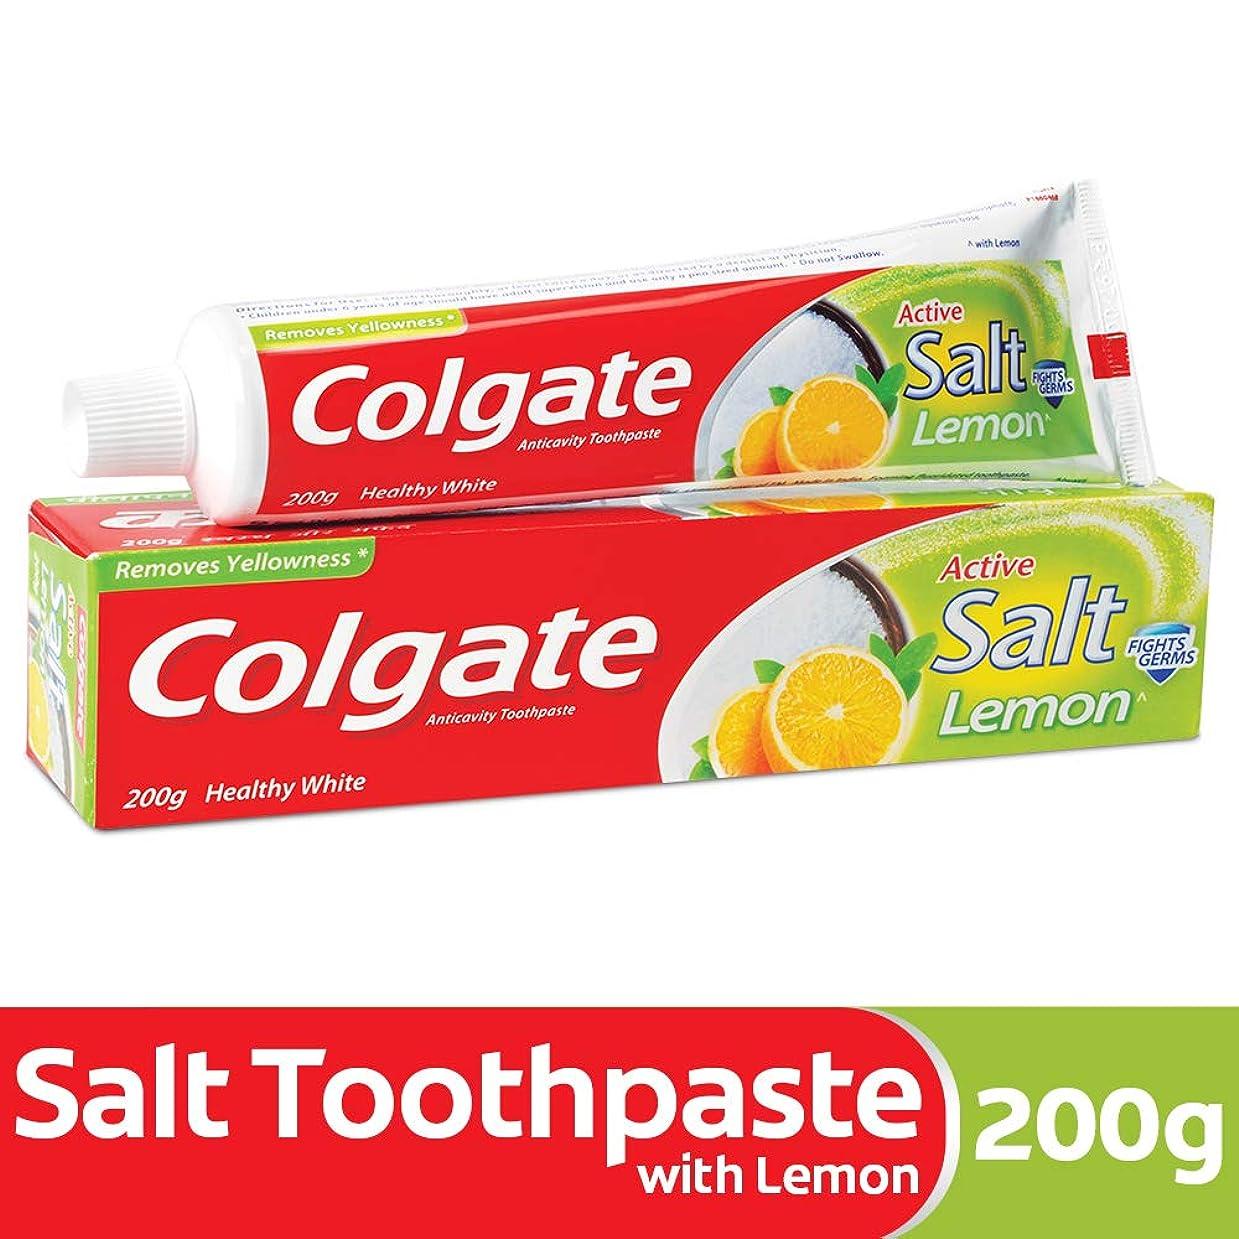 スペアスリム旅行Colgate Toothpaste Active Salt - 200 g (Salt and Lemon)